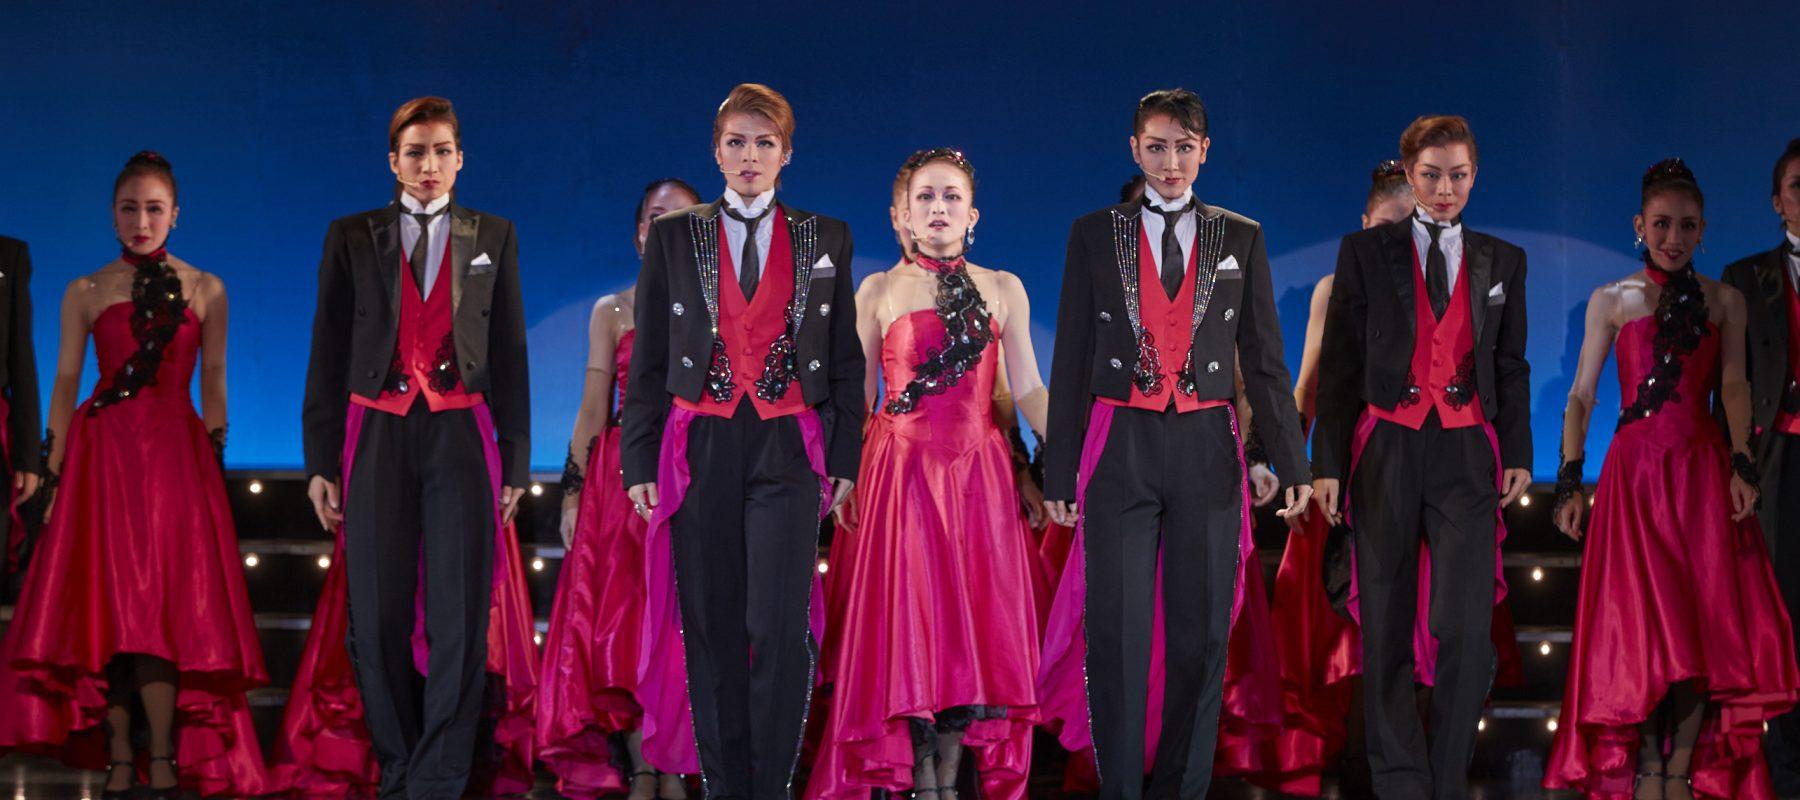 劇団 ラグーナ テンボス 歌 11月23日にラグナシアでの歌劇団公演終了